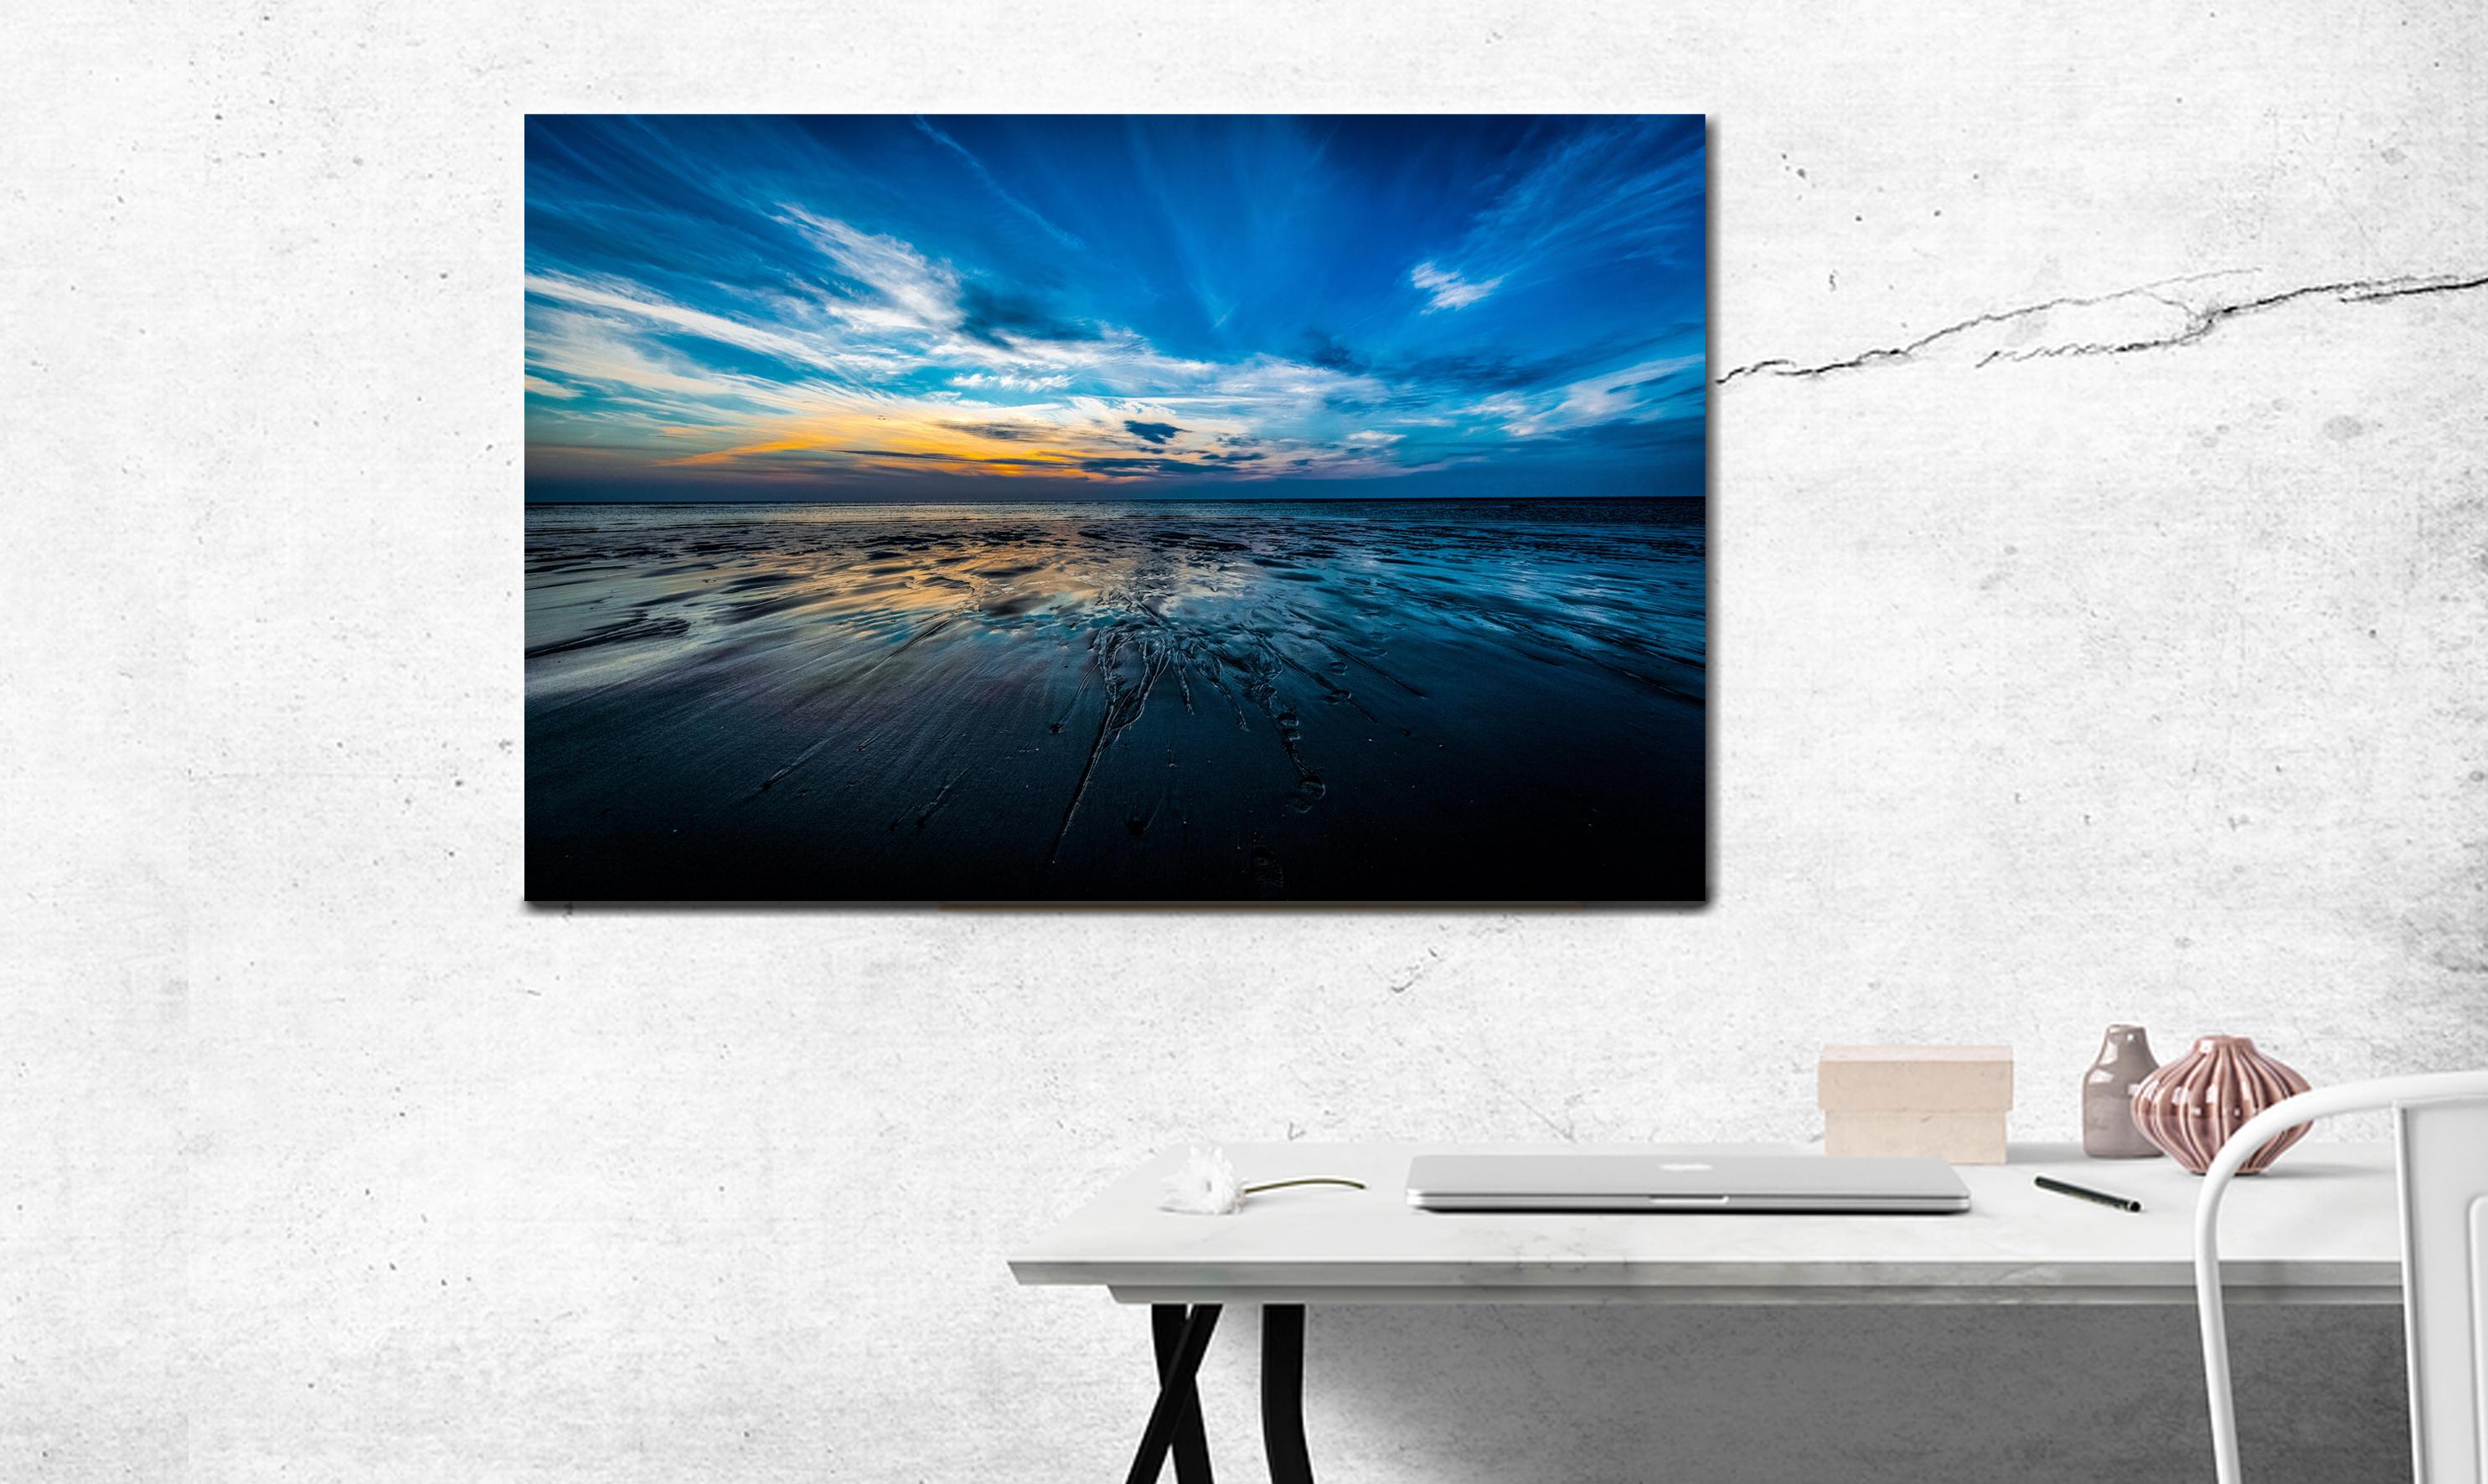 Fine Art Fotoprint auf Hahnemühle Papier #Sundown ©Frank Neuschulz